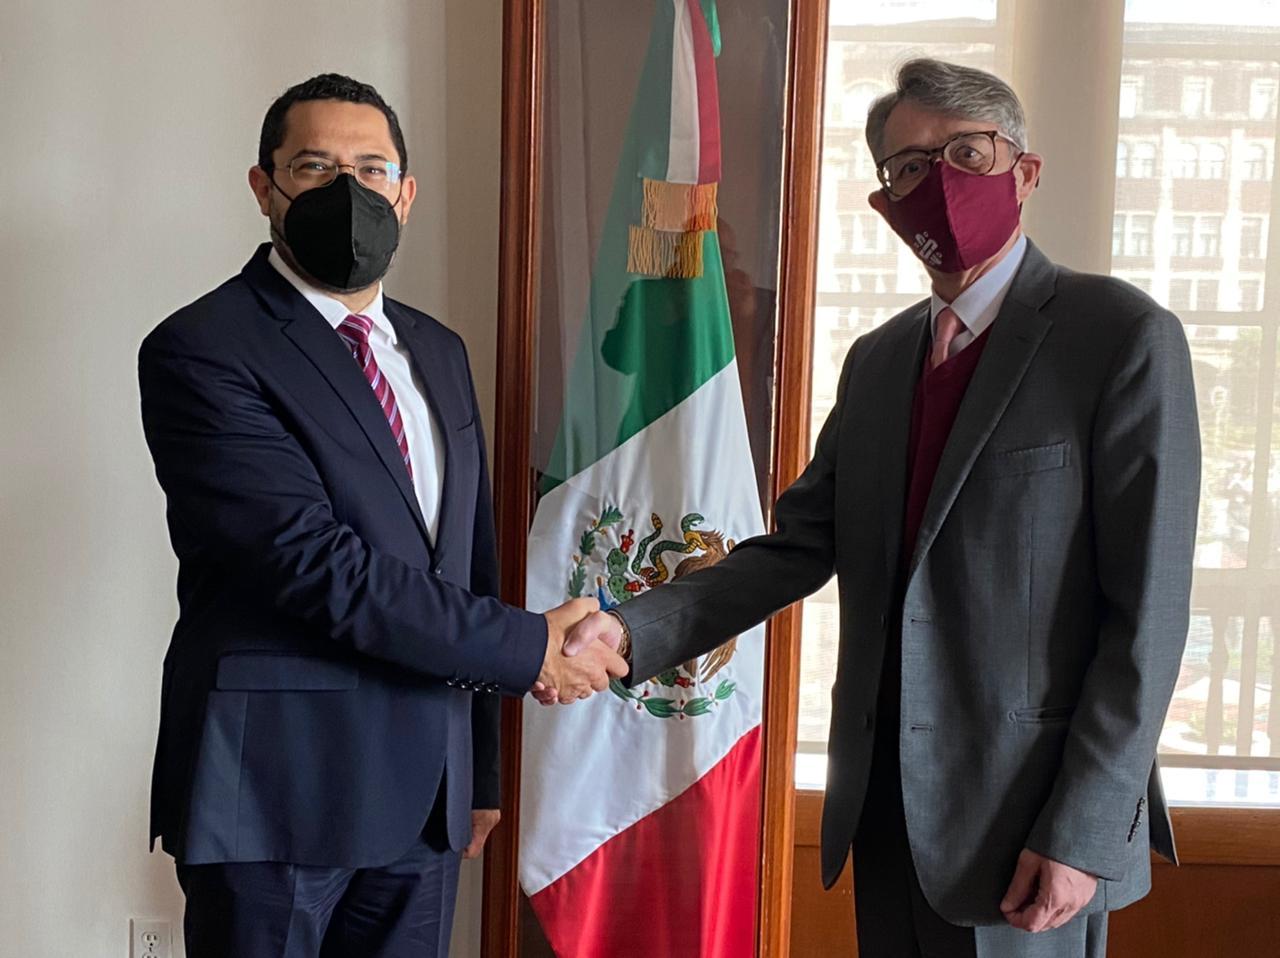 Inicia Proceso de entrega-recepción de la Secretaría de Gobierno de la CDMX